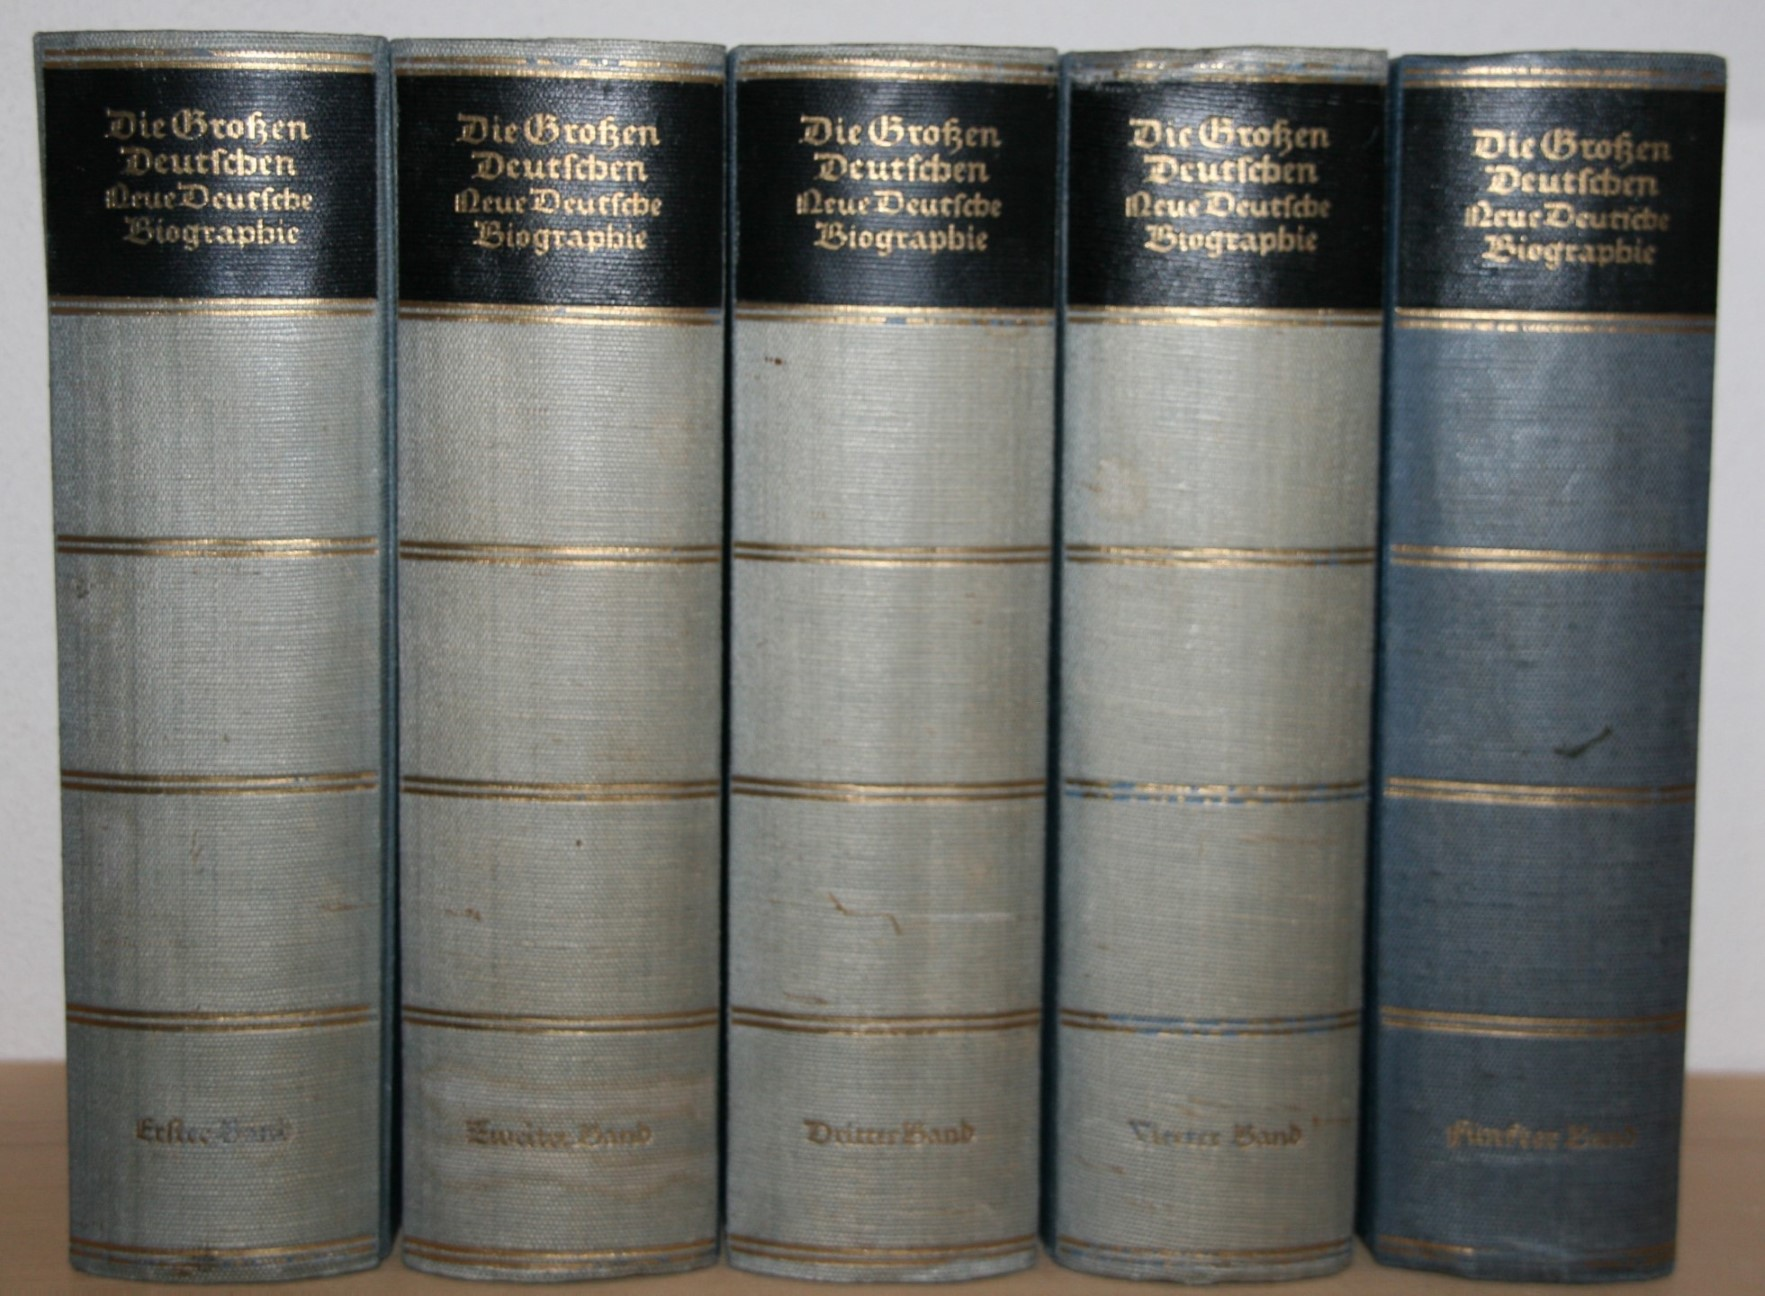 Die Großen Deutschen. Neue Deutsche Biographie in vier Bänden und 1 Ergänzungsband.